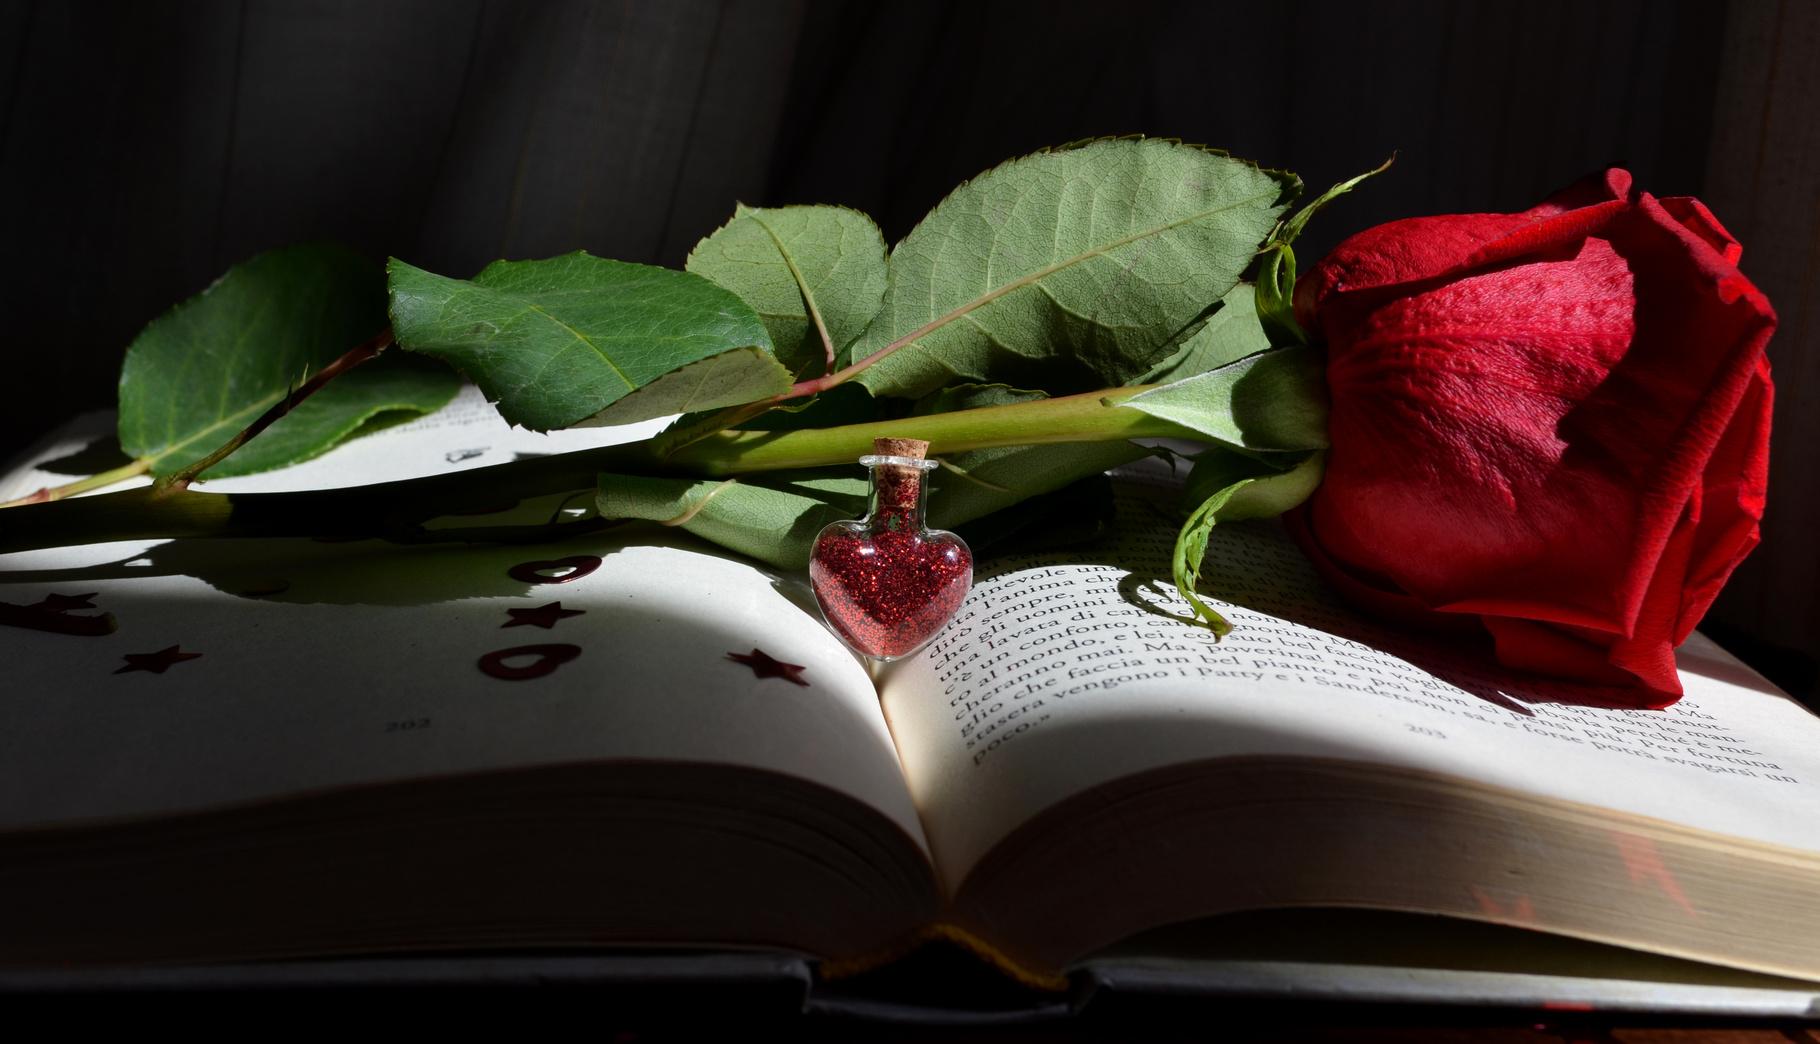 san valentino le 10 citazioni letterarie romantiche pi. Black Bedroom Furniture Sets. Home Design Ideas